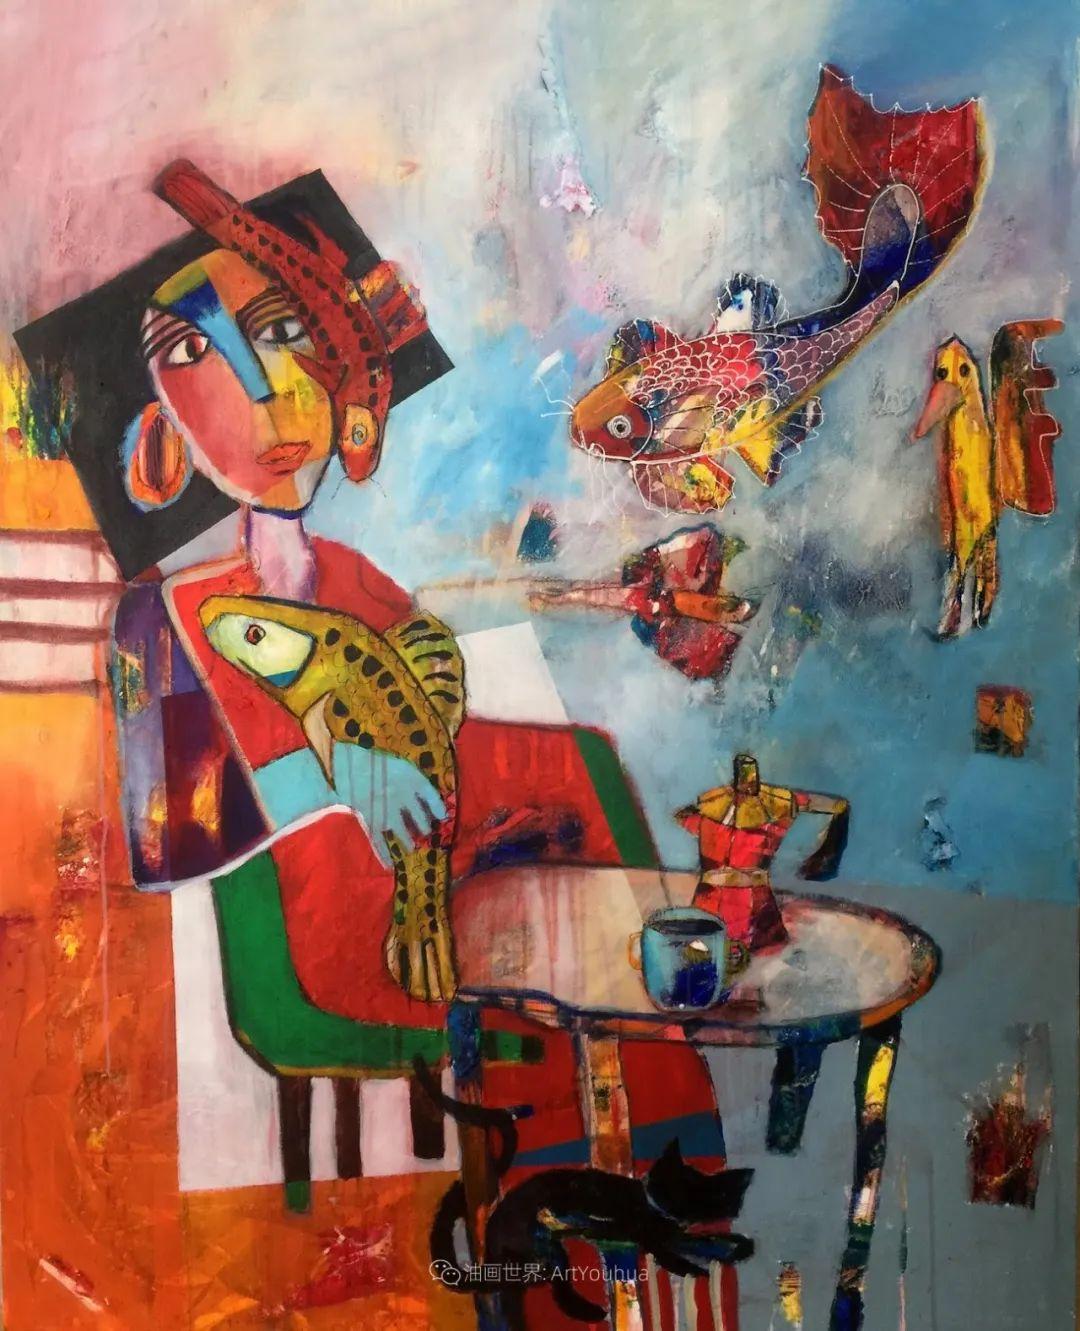 她的艺术是丰富多彩的,孟加拉国艺术家谢法利·兰特插图20